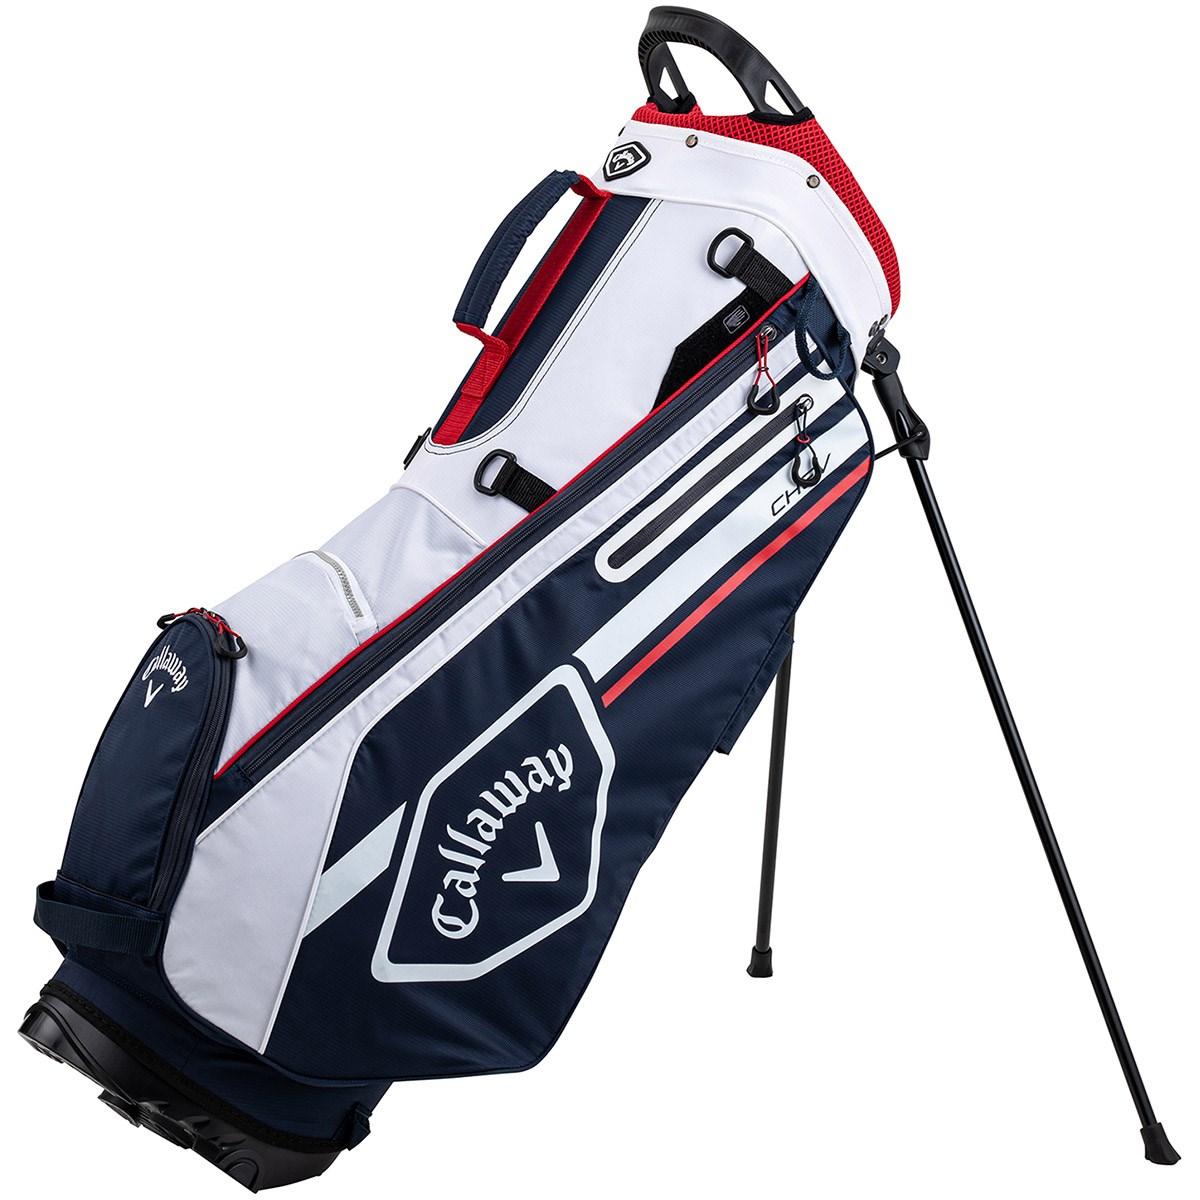 キャロウェイゴルフ(Callaway Golf) CHEV スタンドキャディバッグ